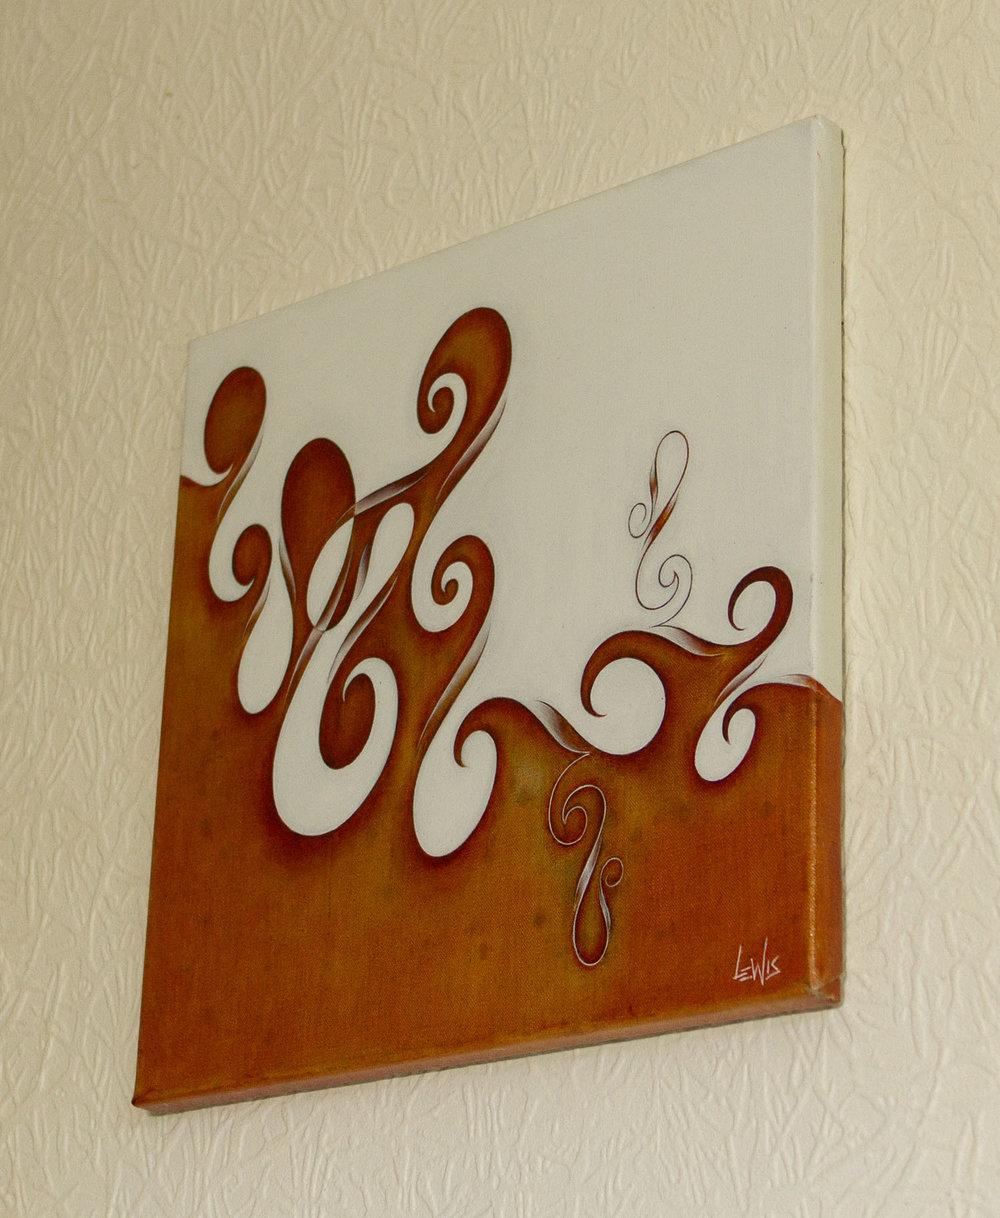 Yin & Yang, No, 2 (wall view).jpg